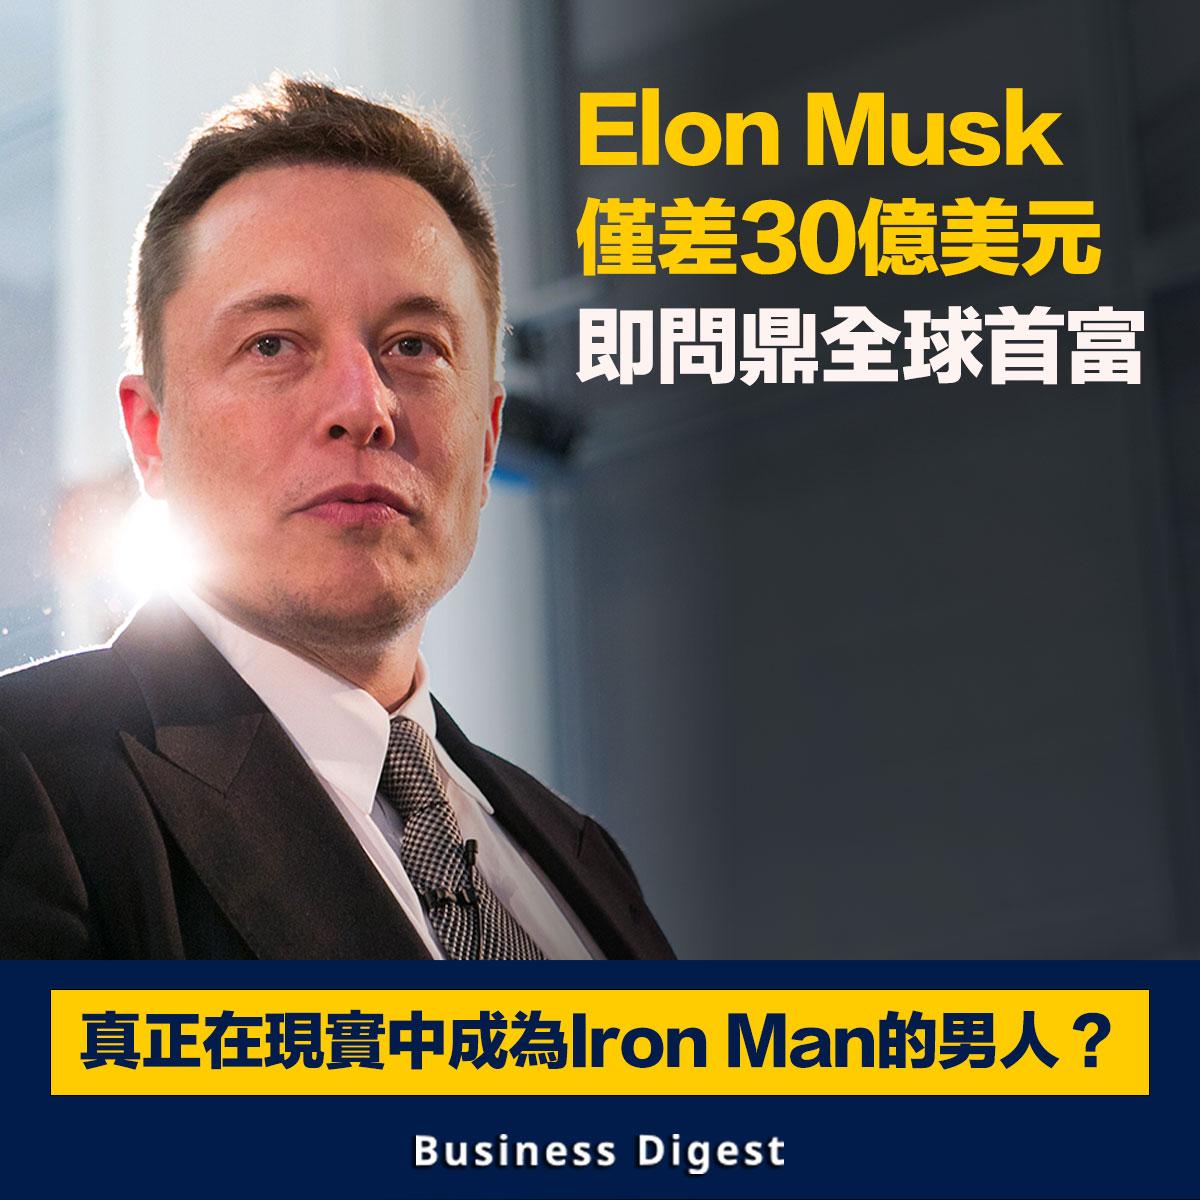 馬斯克差30億美元即問鼎全球首富